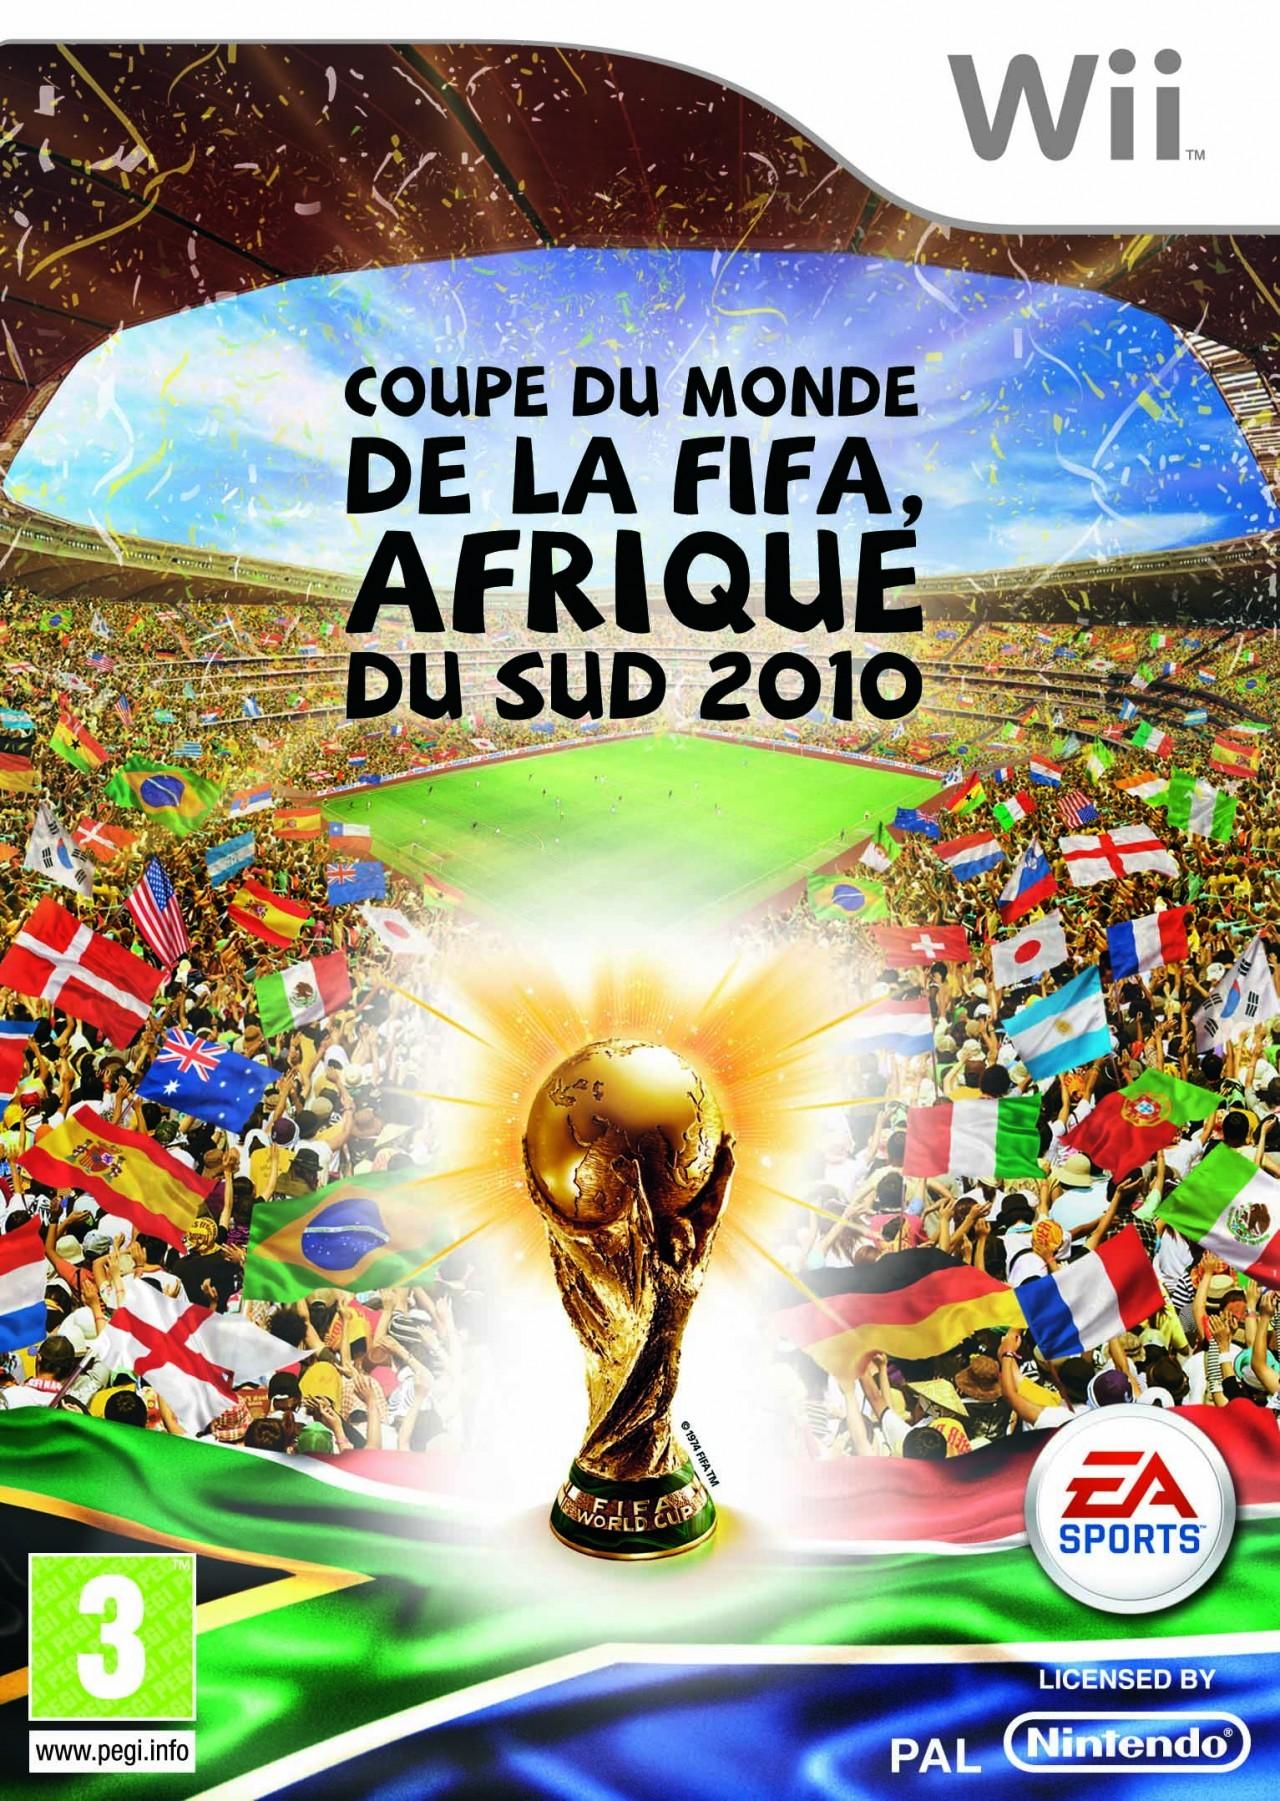 Fifa afrique du sud 2010 video tutorial - Coupe du monde 2010 lieu ...